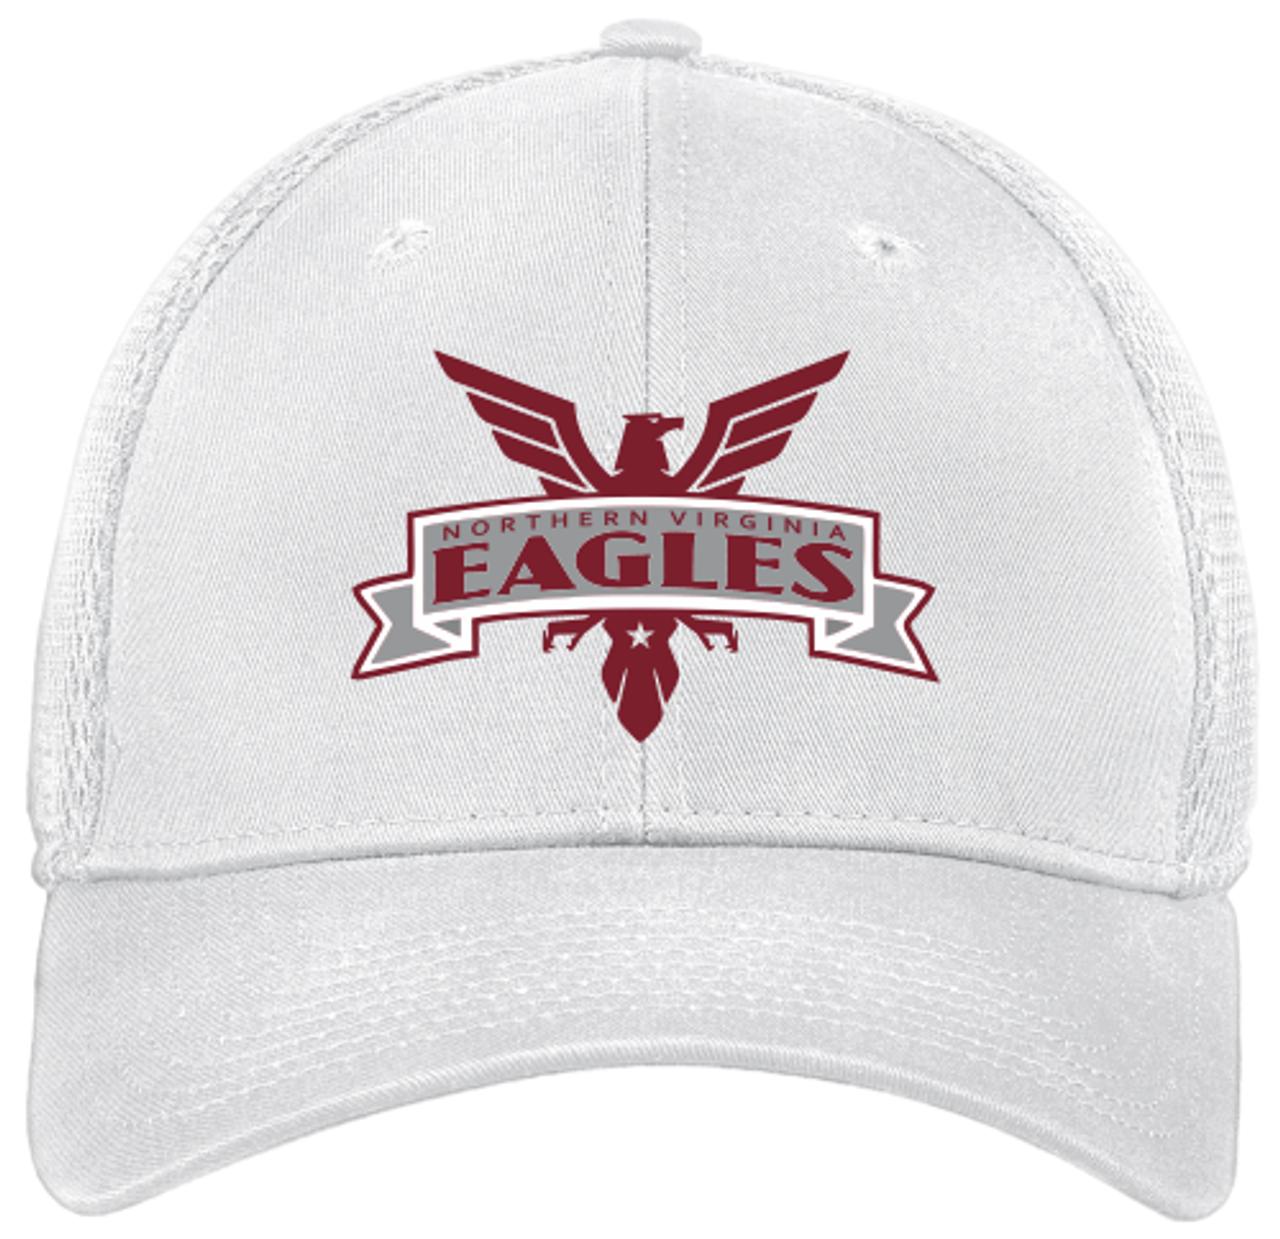 NOVA Eagles Stretch-Fit Mesh-Back Hat, White